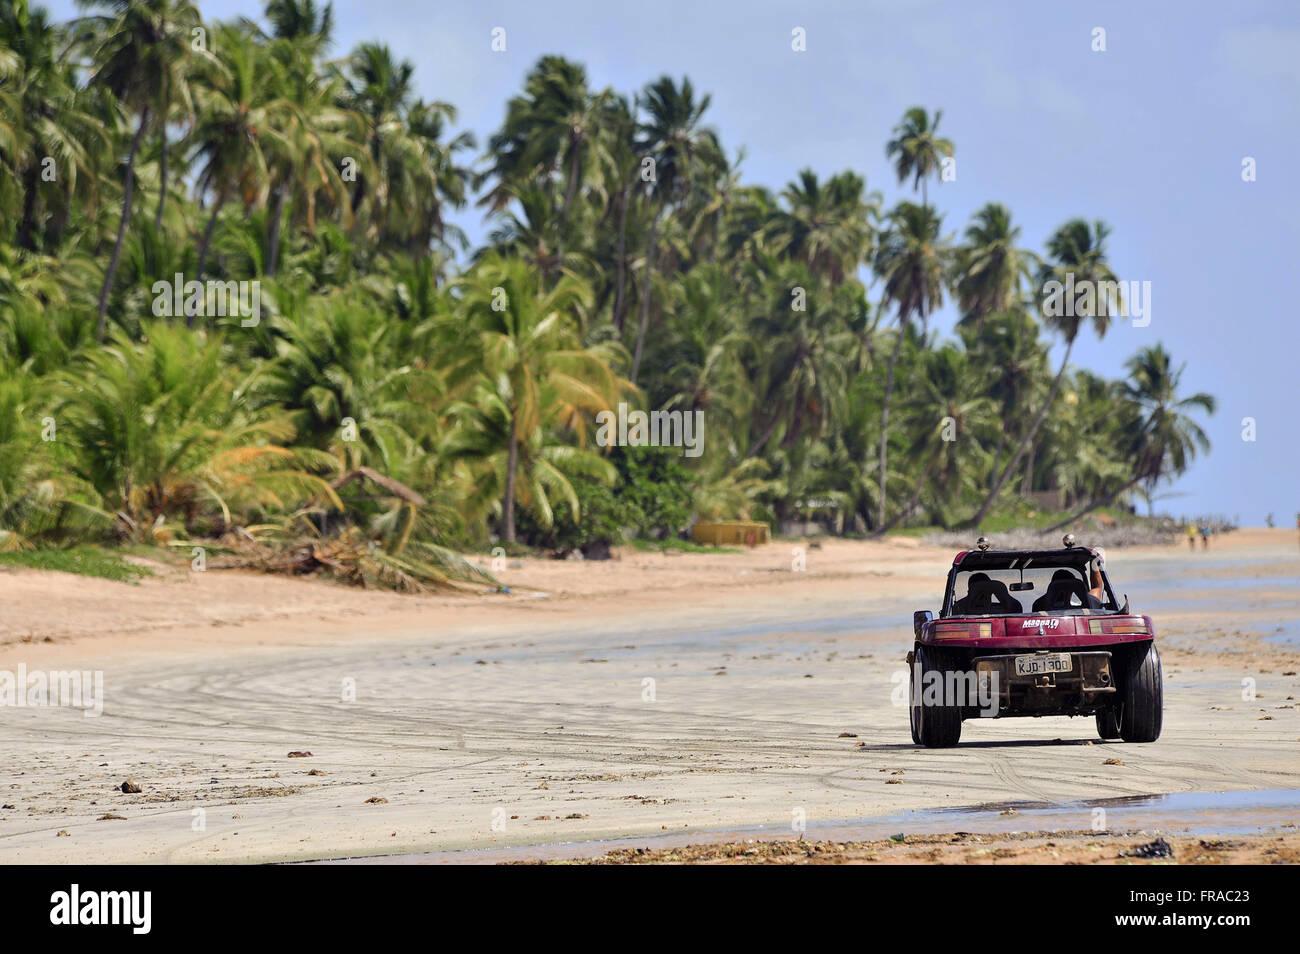 Passeio de buggy na  Praia de Japaratinga com coqueiros ao fundo - Stock Image